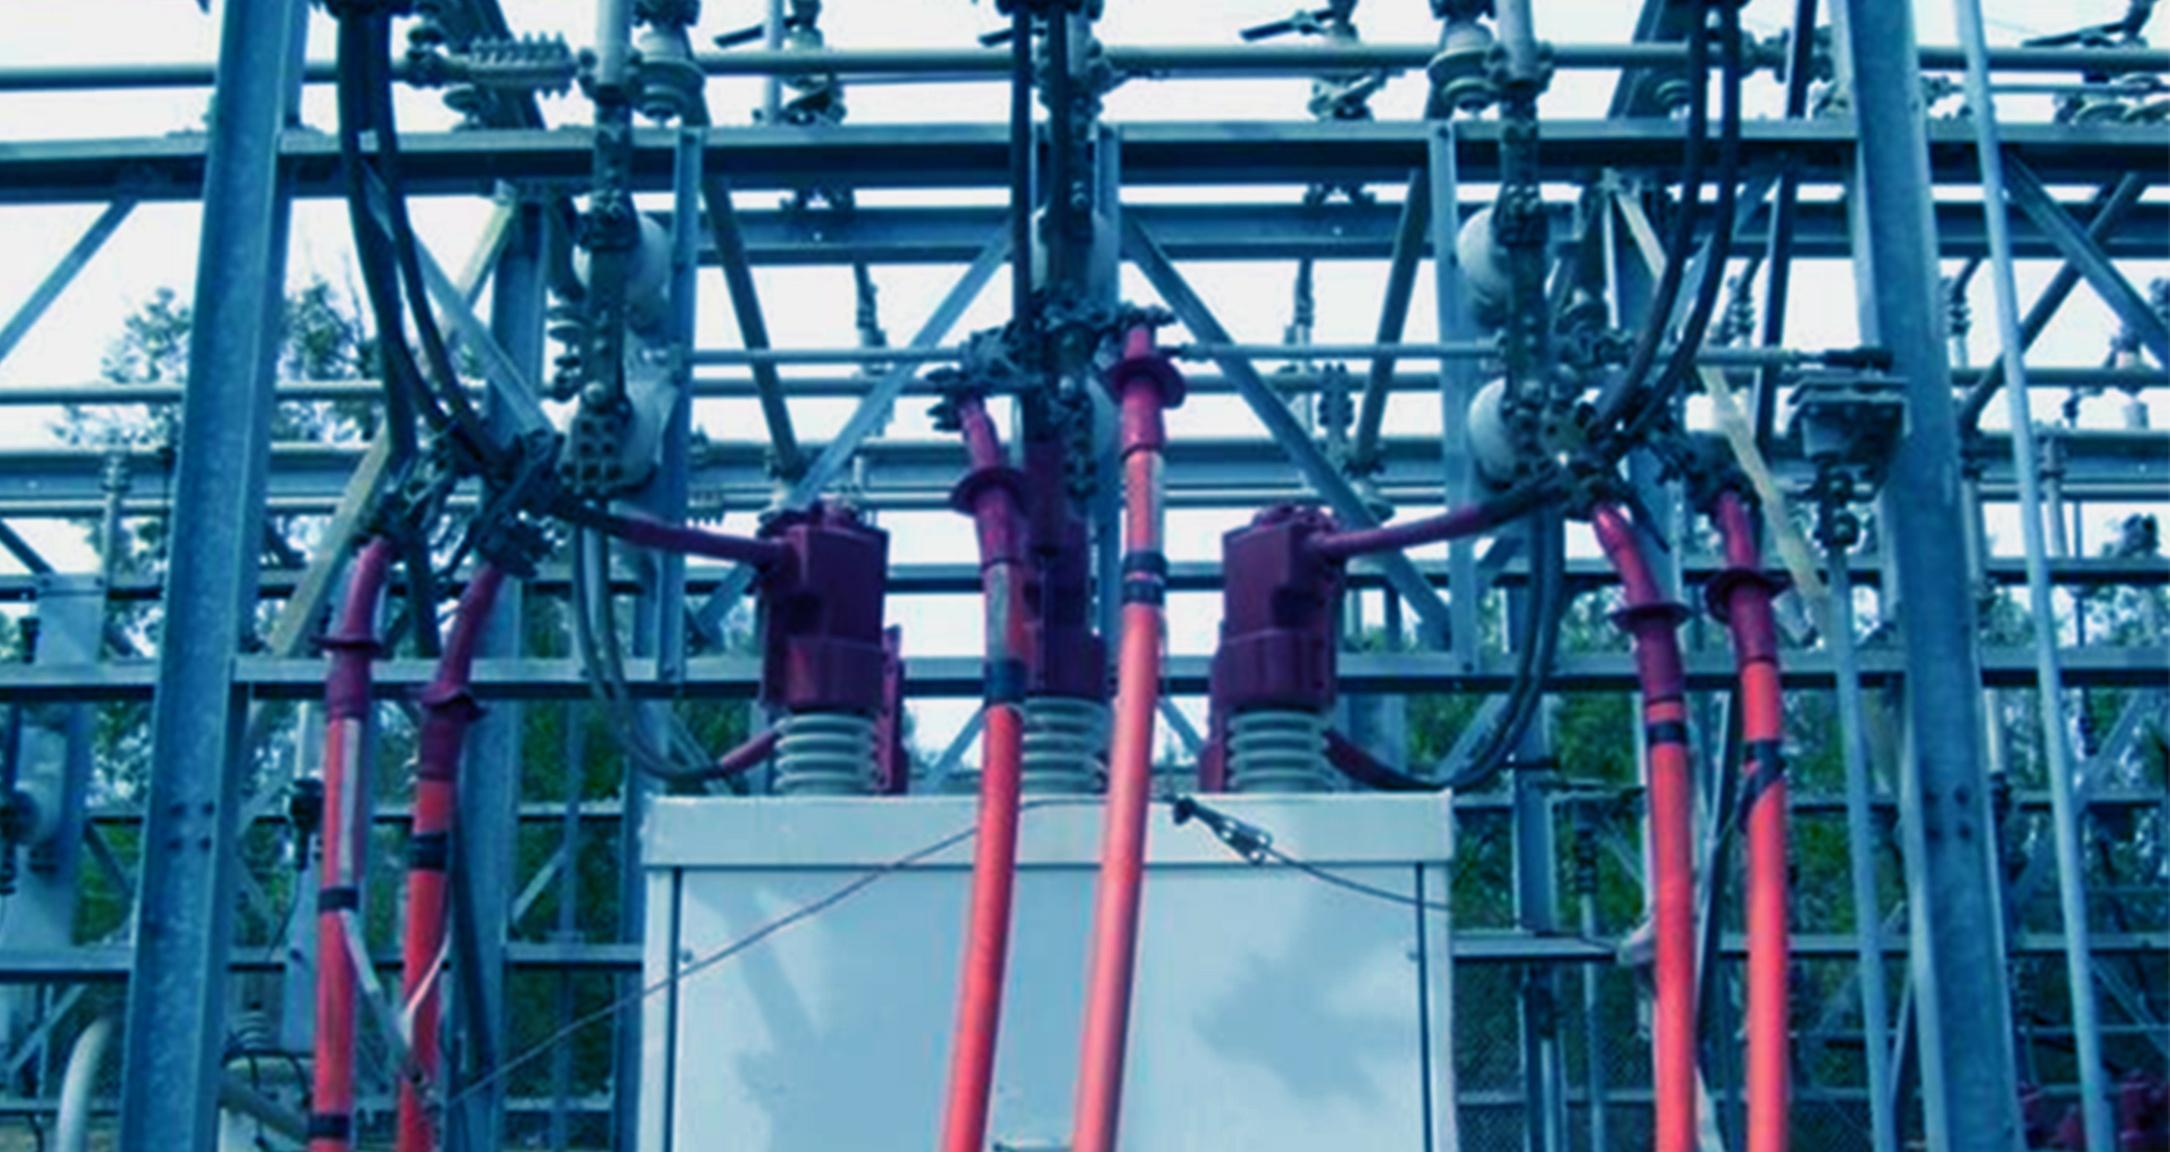 Examining Type-SH, Type-MV, Concentric Neutrals Medium Voltage Cables